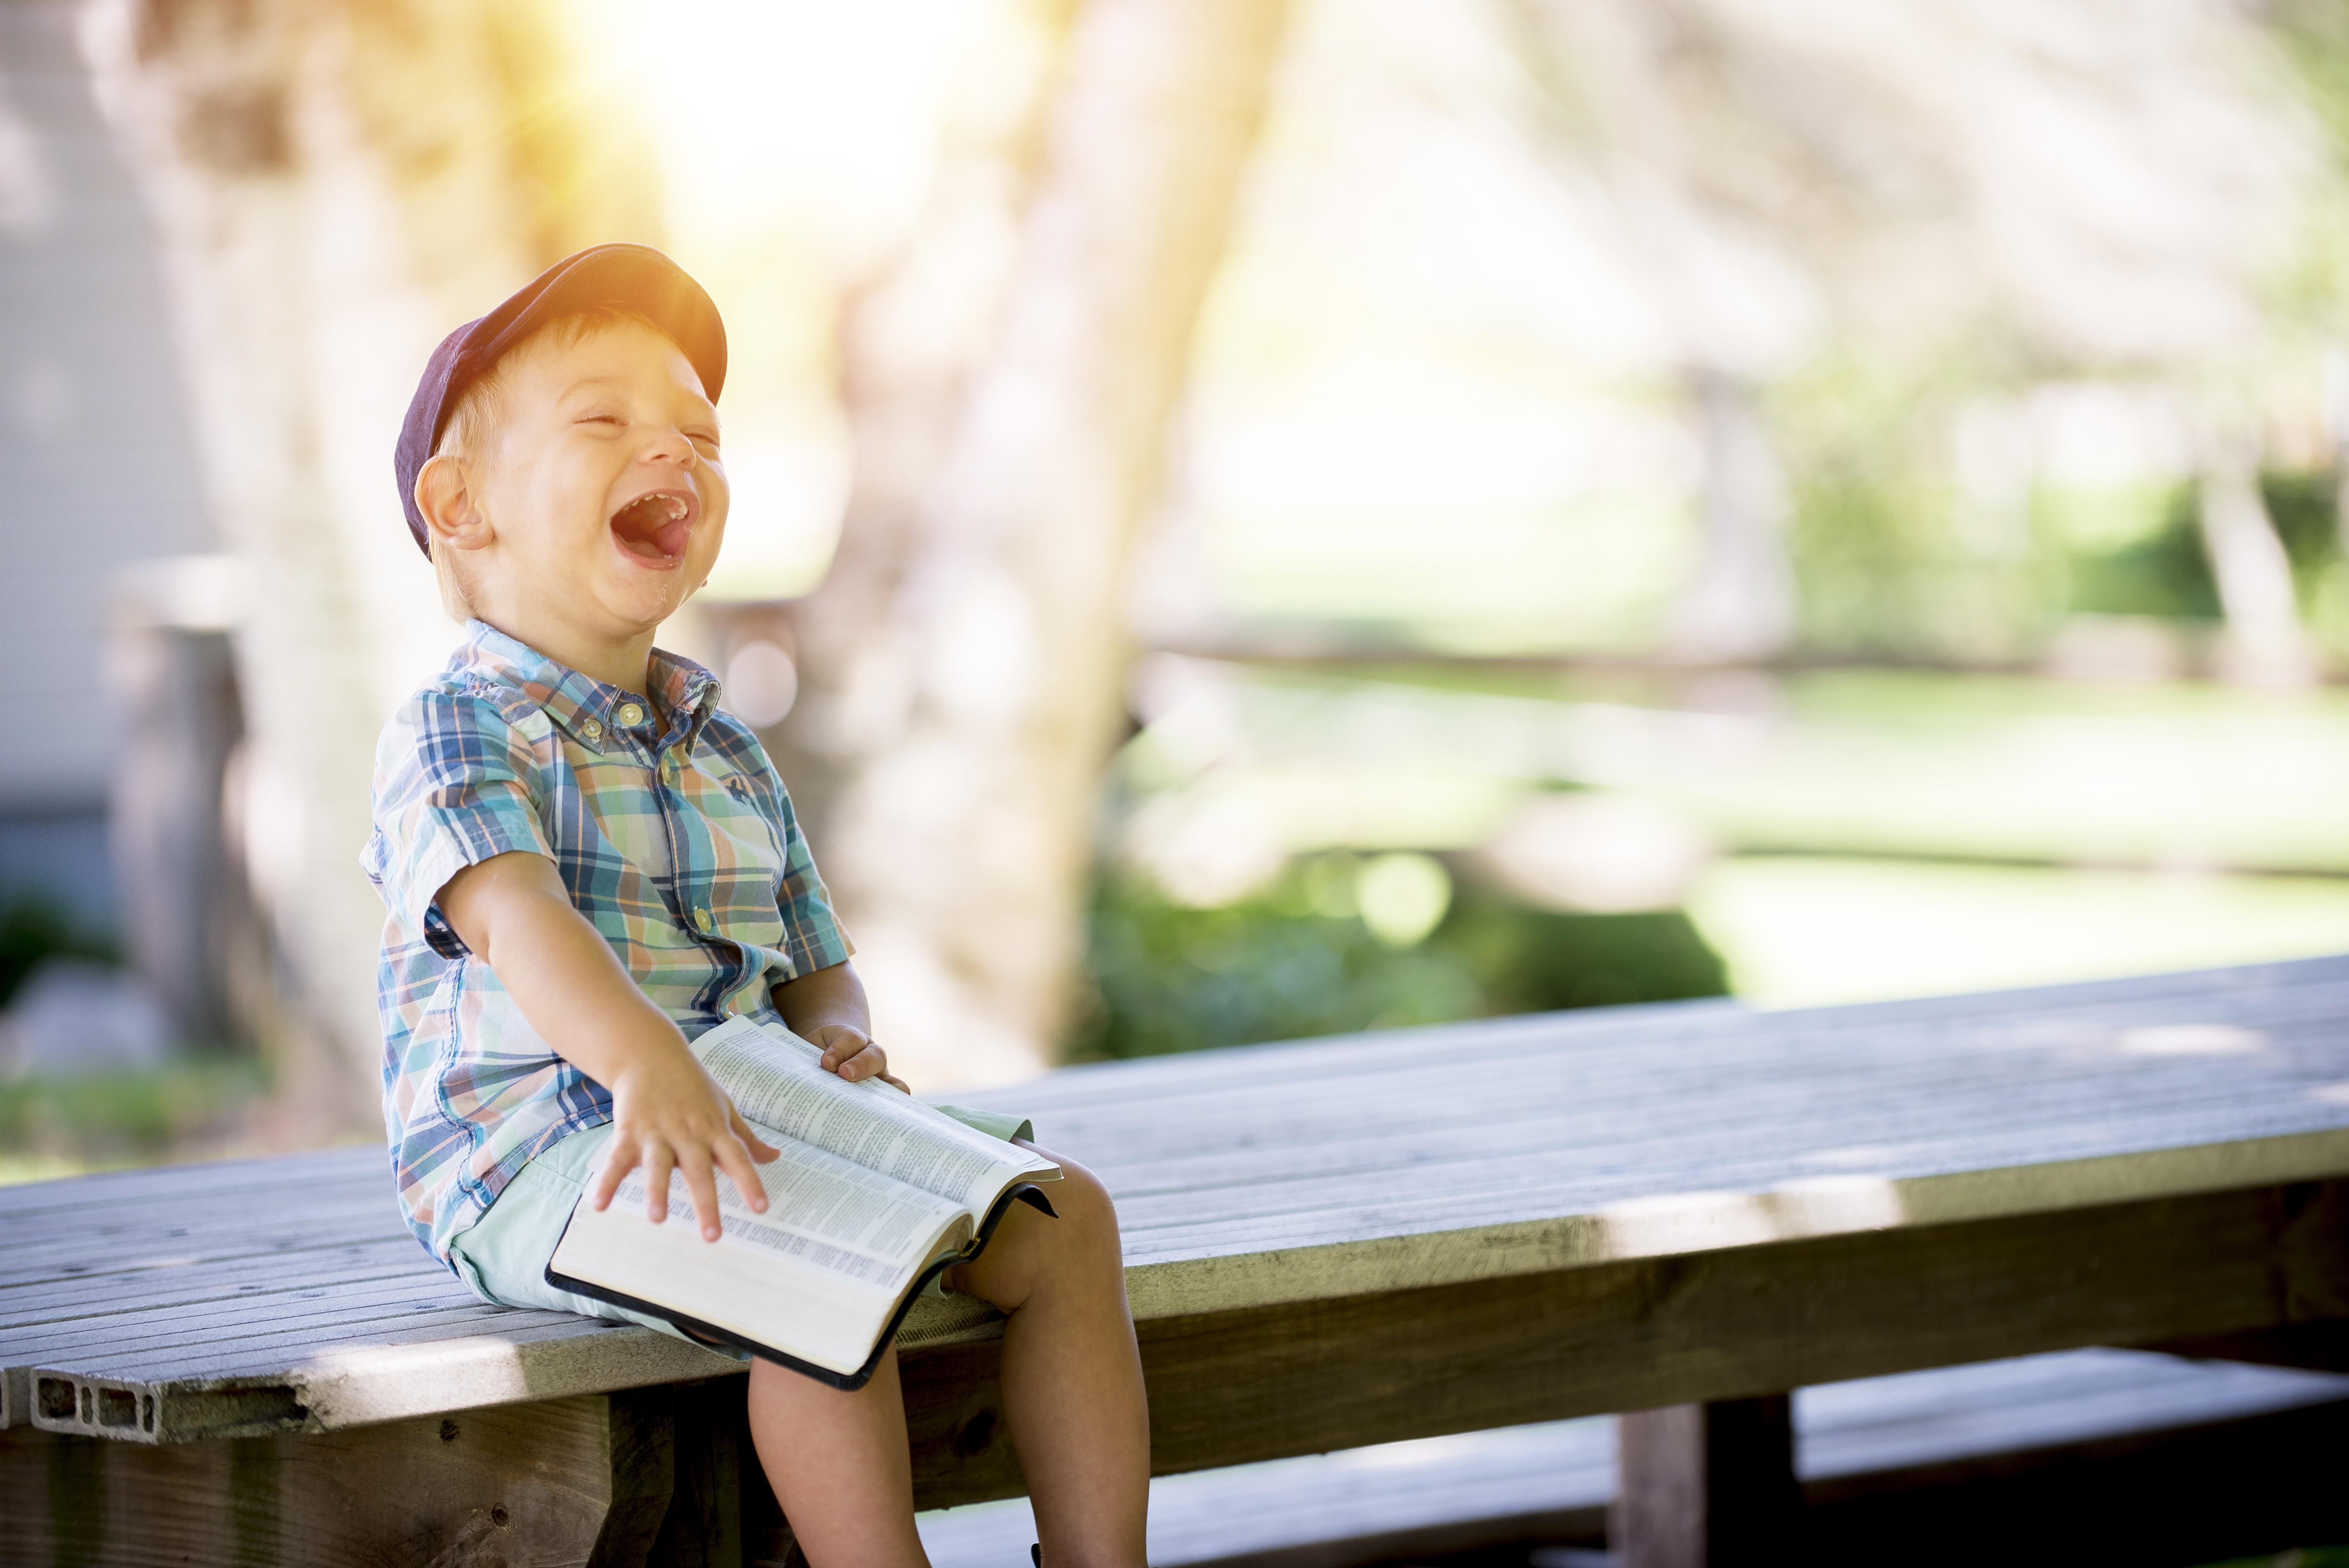 herzlich lachendes Kind